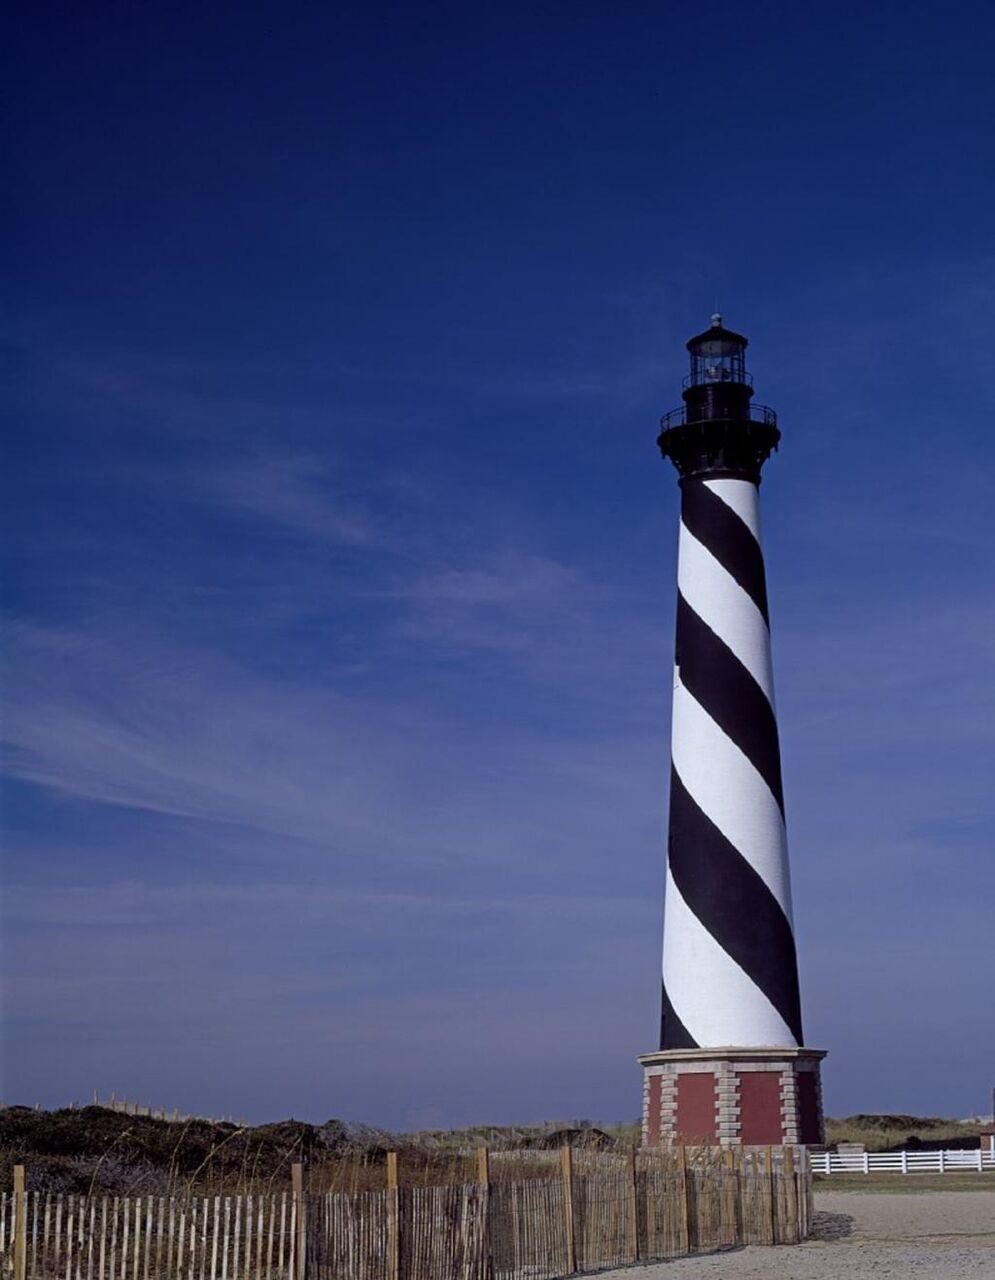 灯台 海 海 ライト 海岸 警告 ナビゲーション 高精細の写真 海のiphone壁紙車の材料へのバック 壁紙